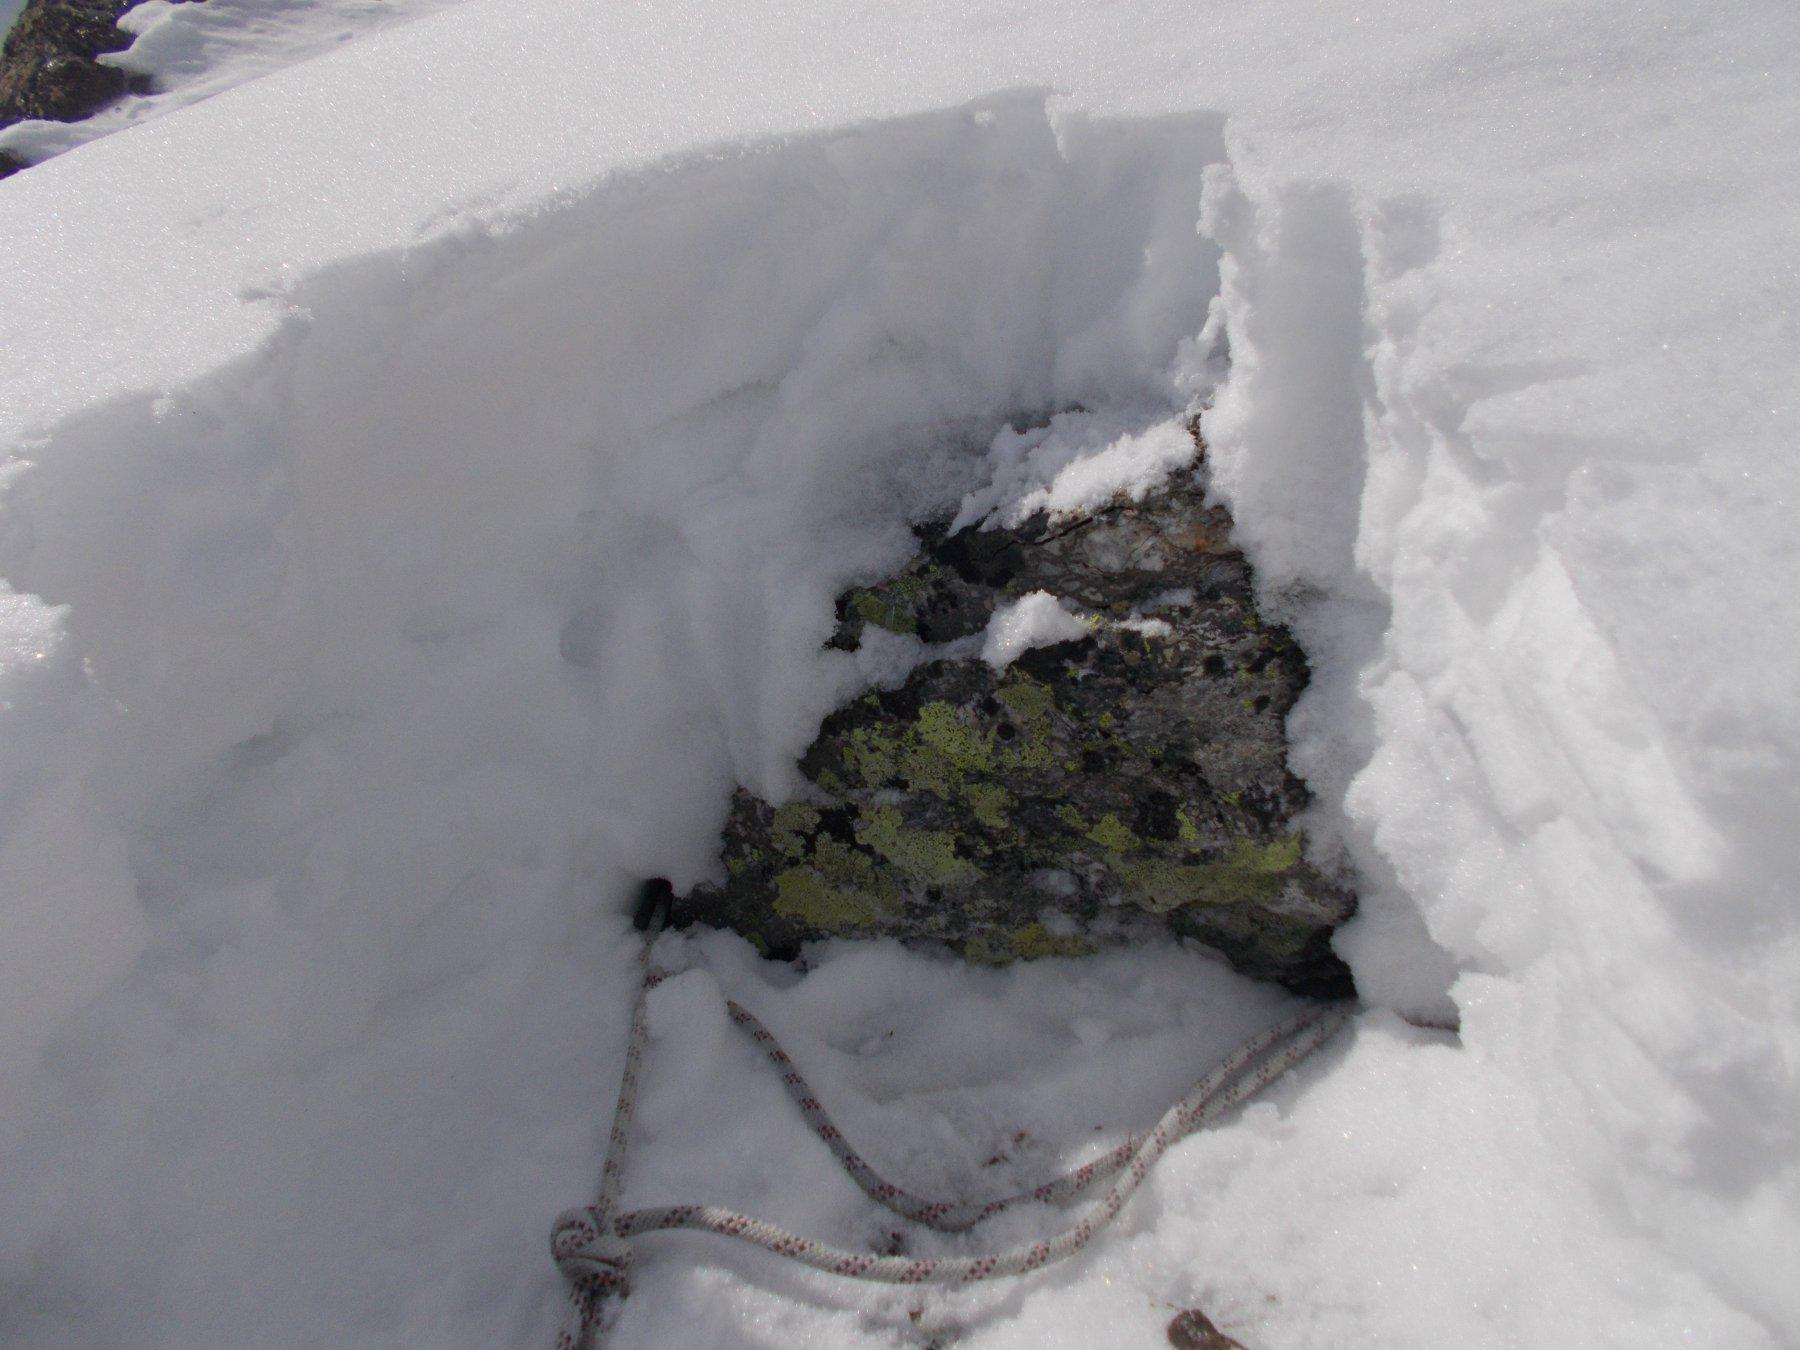 ancoraggio ben fatto..solo da ripulire dalla tanta neve che lo ricopre..